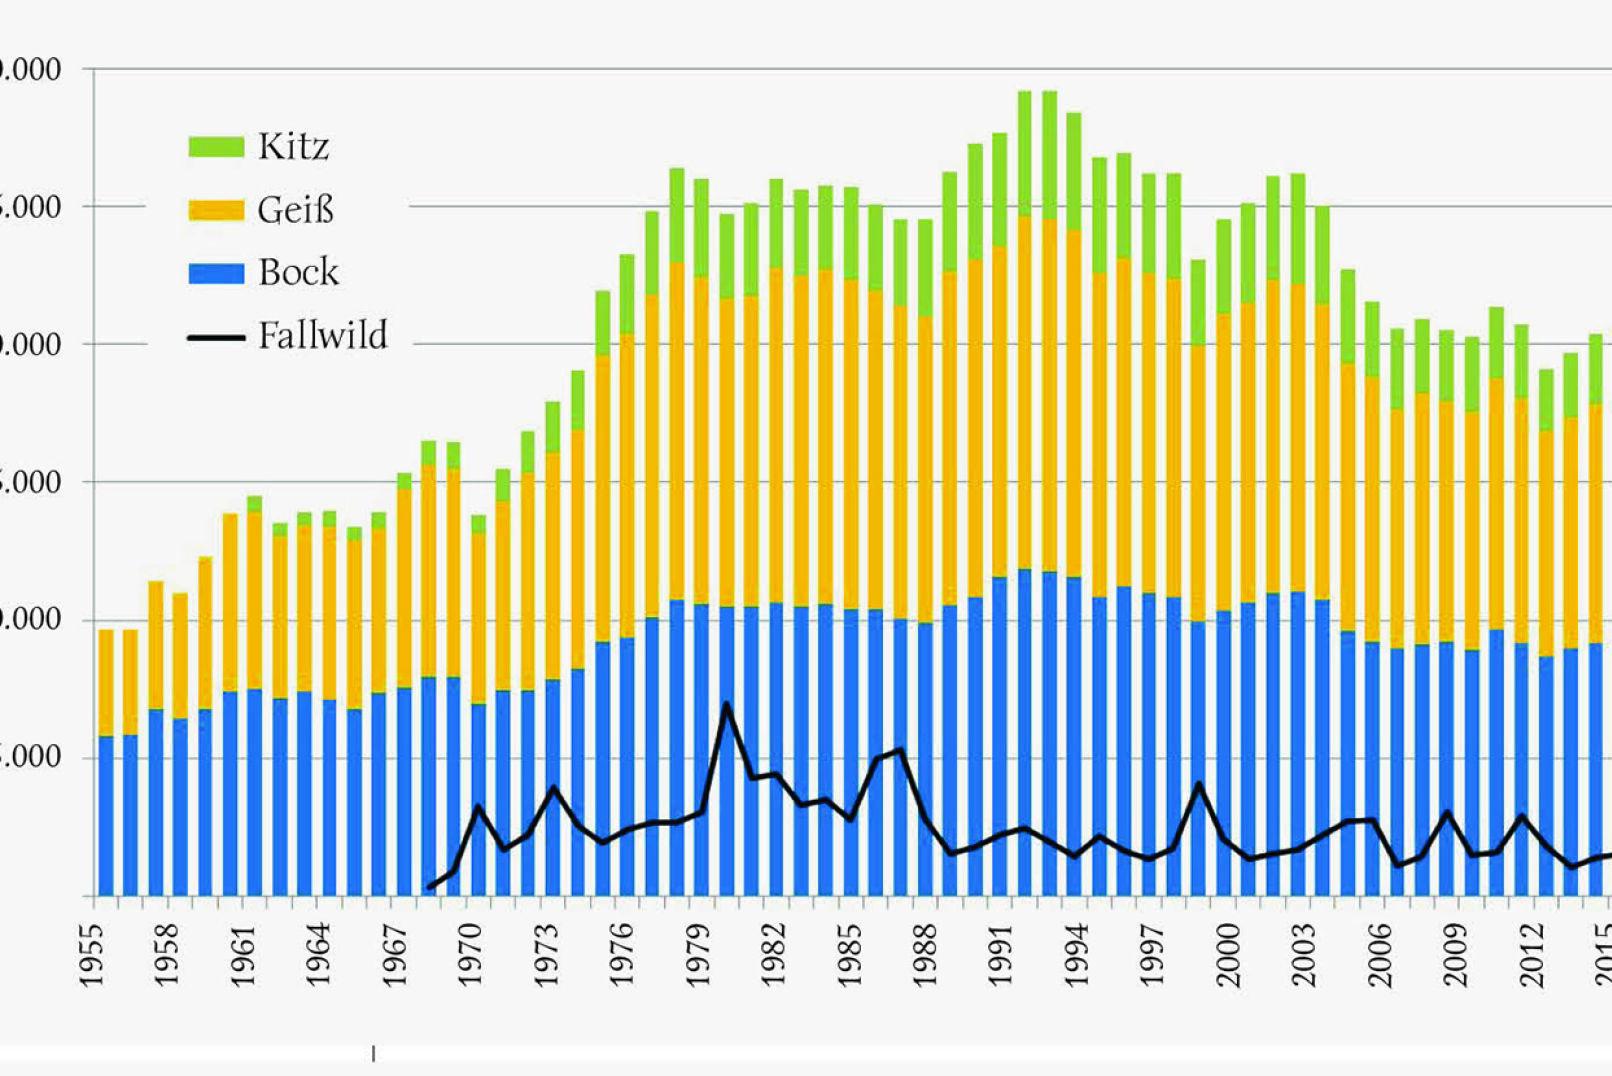 Abbildung 2 - Jährlicher Gamswildabschuss in Österreich von 1955 bis 2018, gegliedert nach Böcken, Geißen, Kitzen sowie Fallwild von 1968 bis 2018. - © Grafik Reimoser